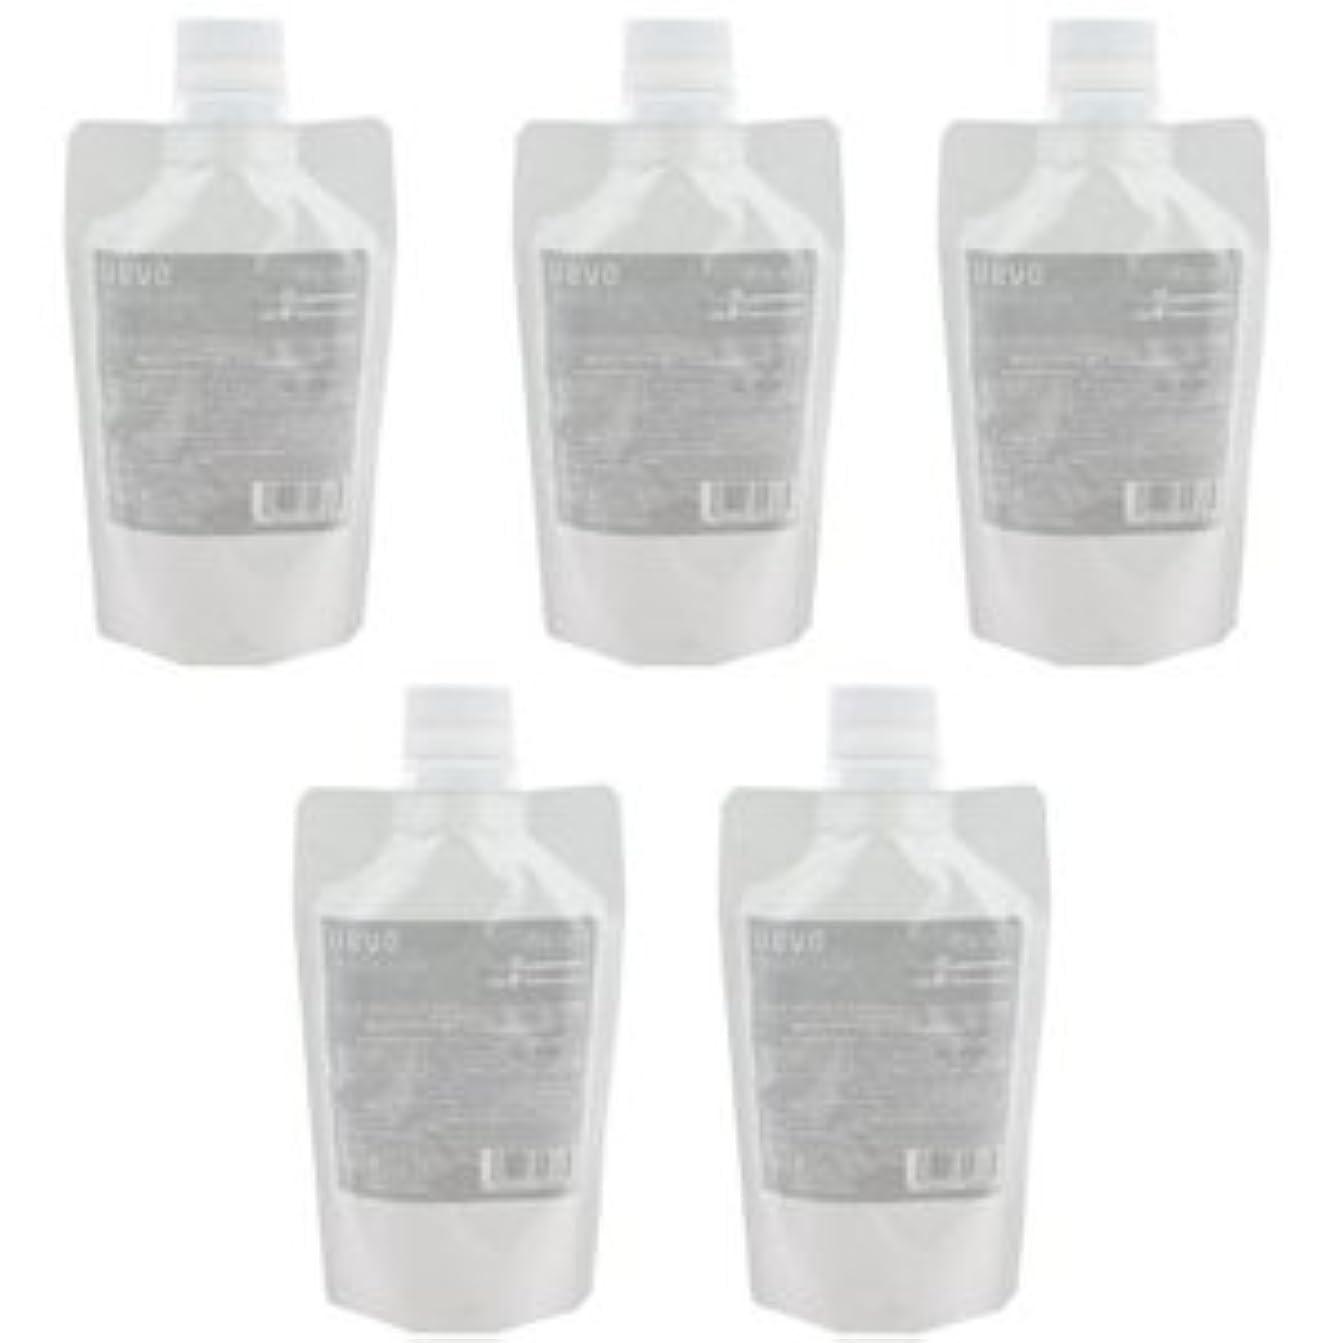 【X5個セット】 デミ ウェーボ デザインキューブ ドライワックス 200g 業務用 dry wax